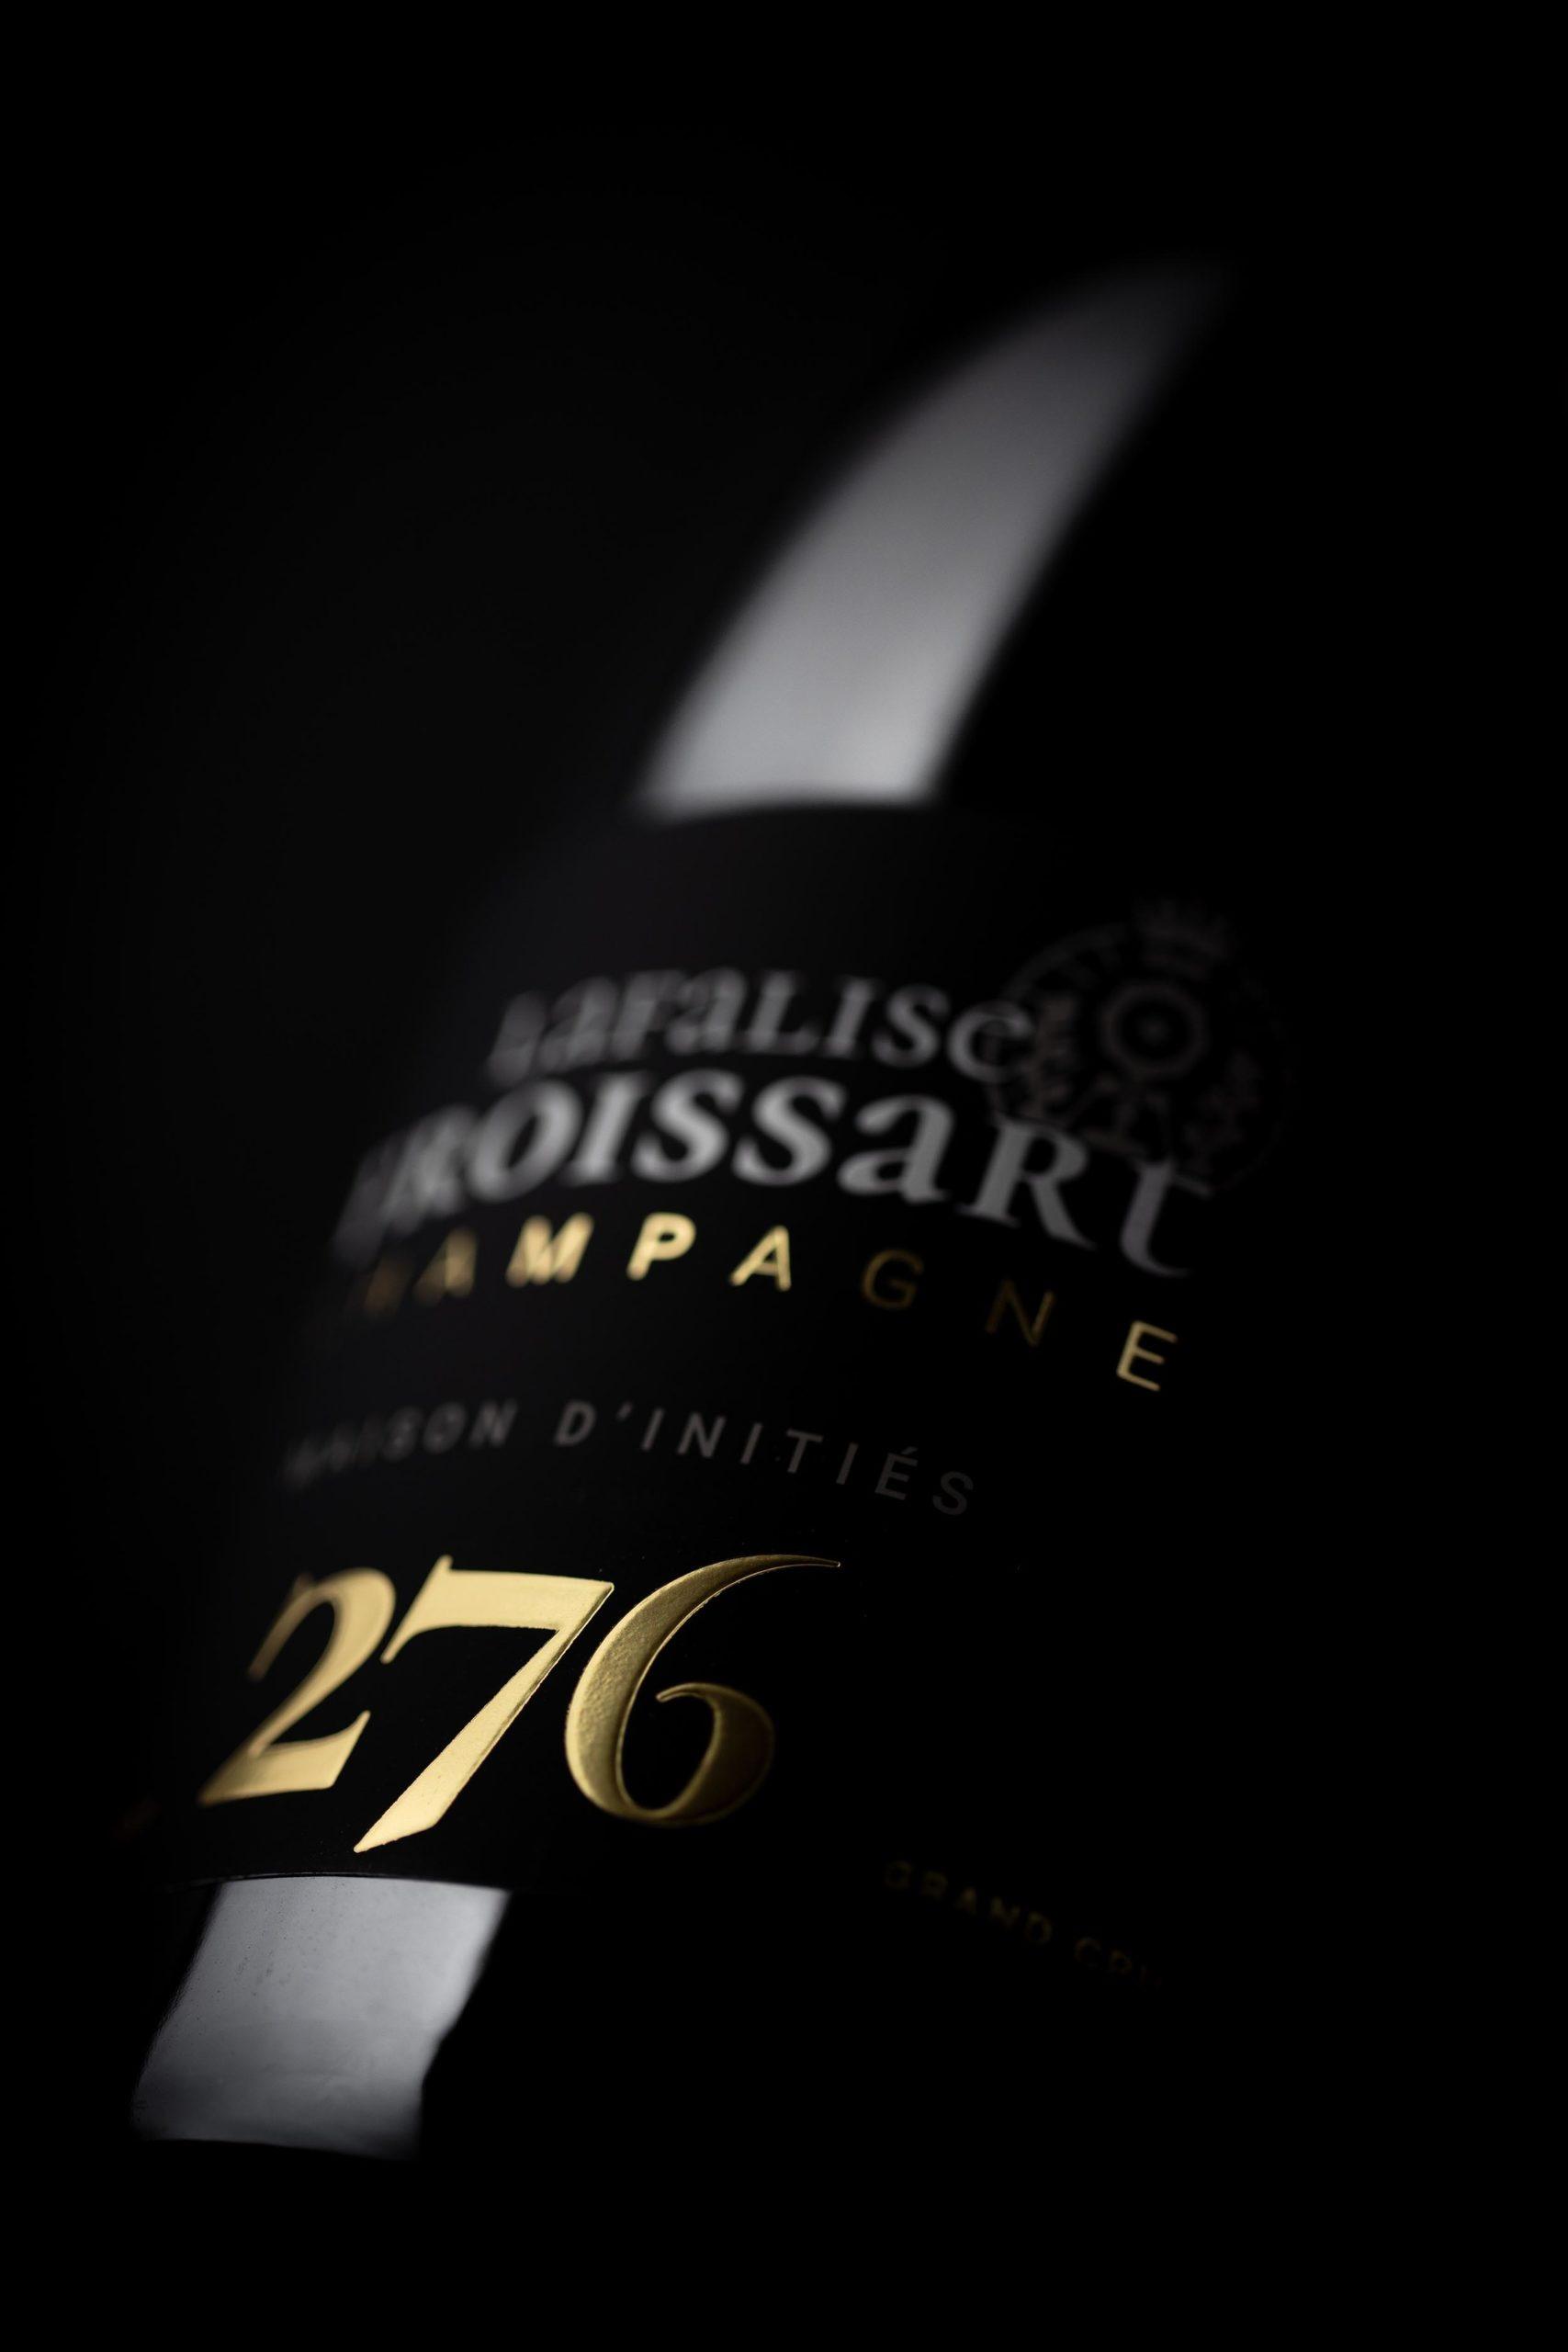 Packshots photo macro lifestyle 276 - Champagne Lafalise Froissart - Agence Discovery